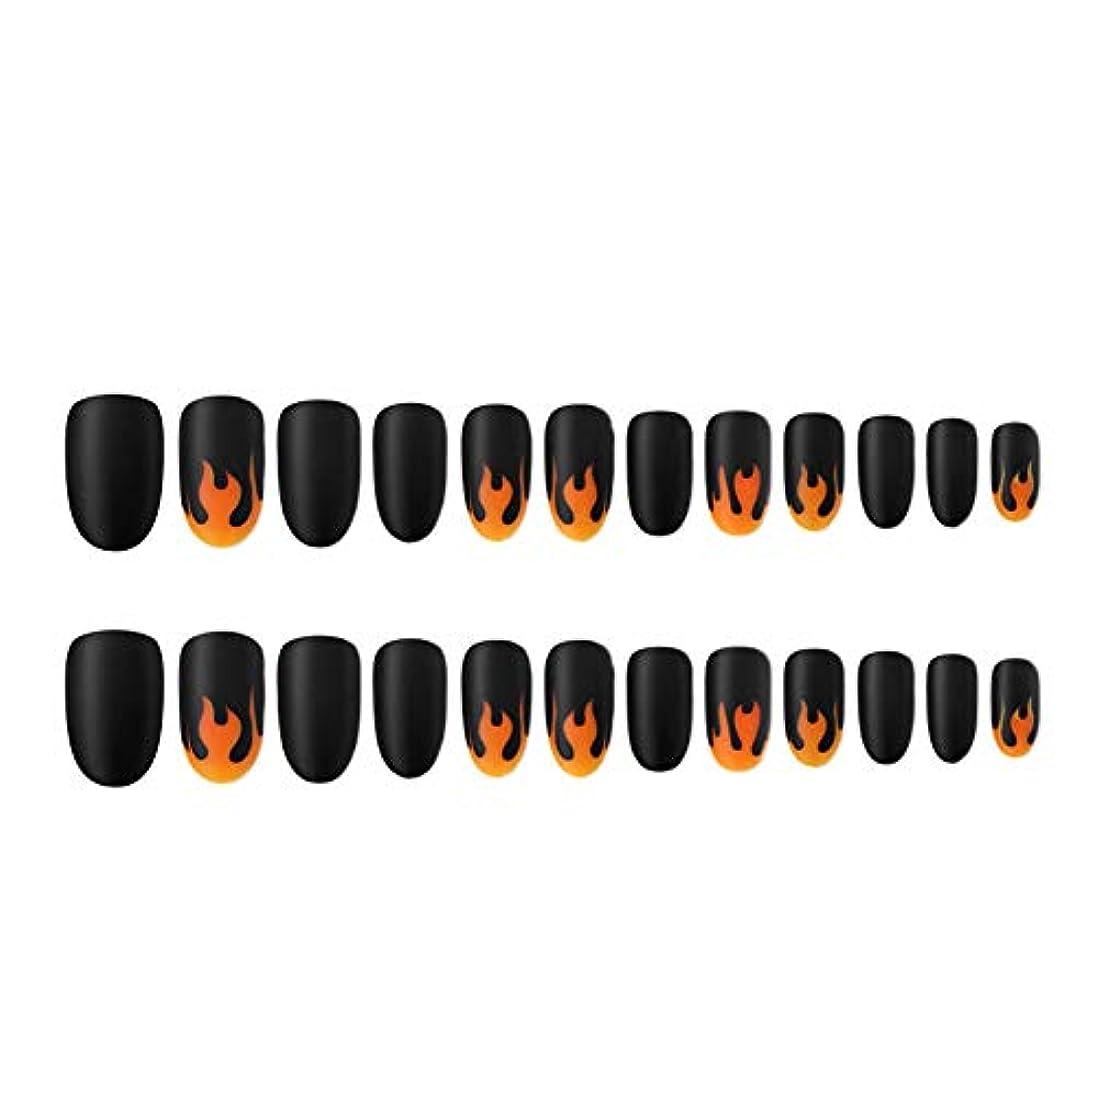 エンジニアリング言い換えると発行する人工爪のヒントの炎パターン塗装ネイルチップのフルカバーネイルのヒントネイル取り外し可能なマットな質感